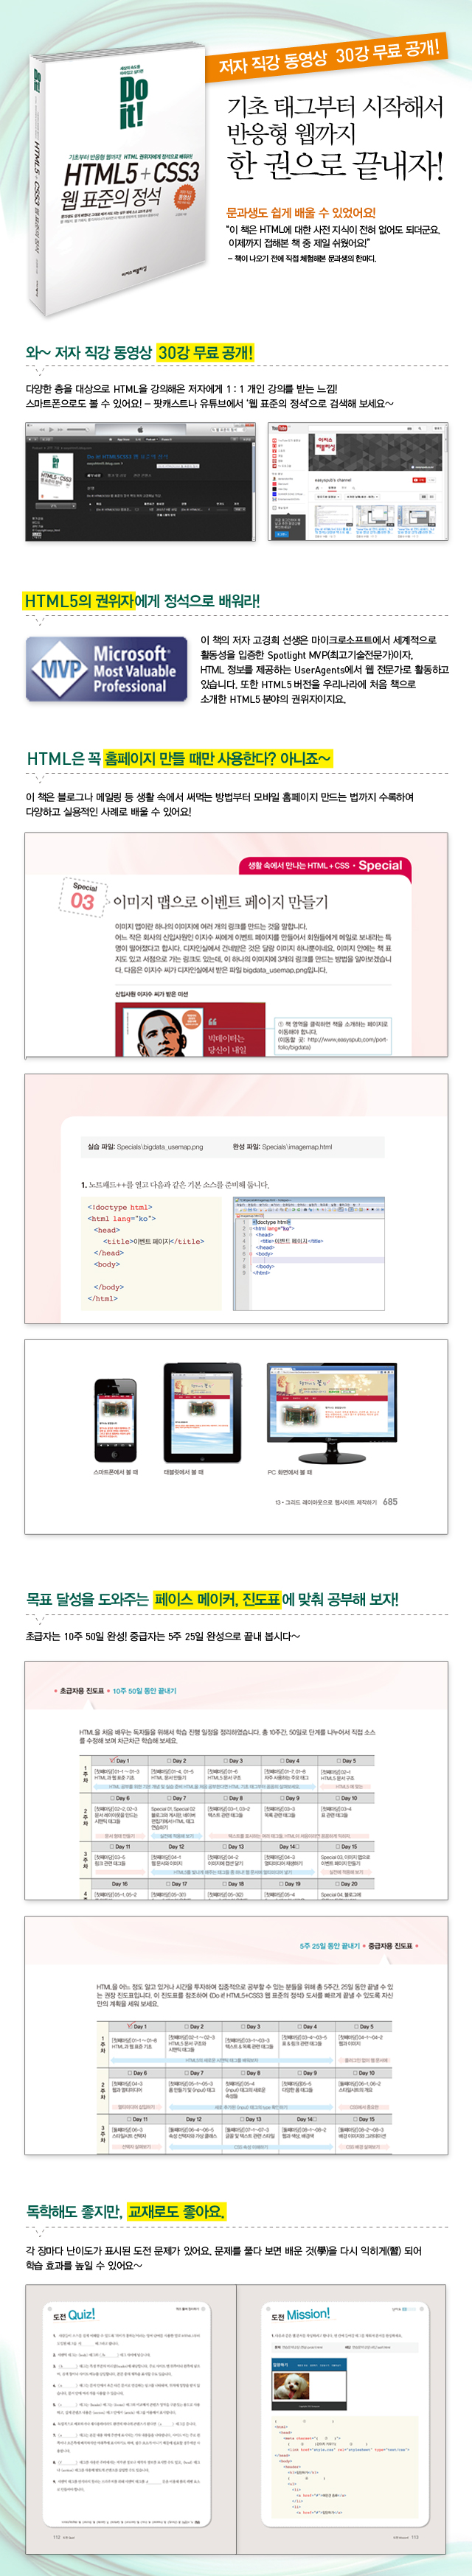 웹표준 강좌